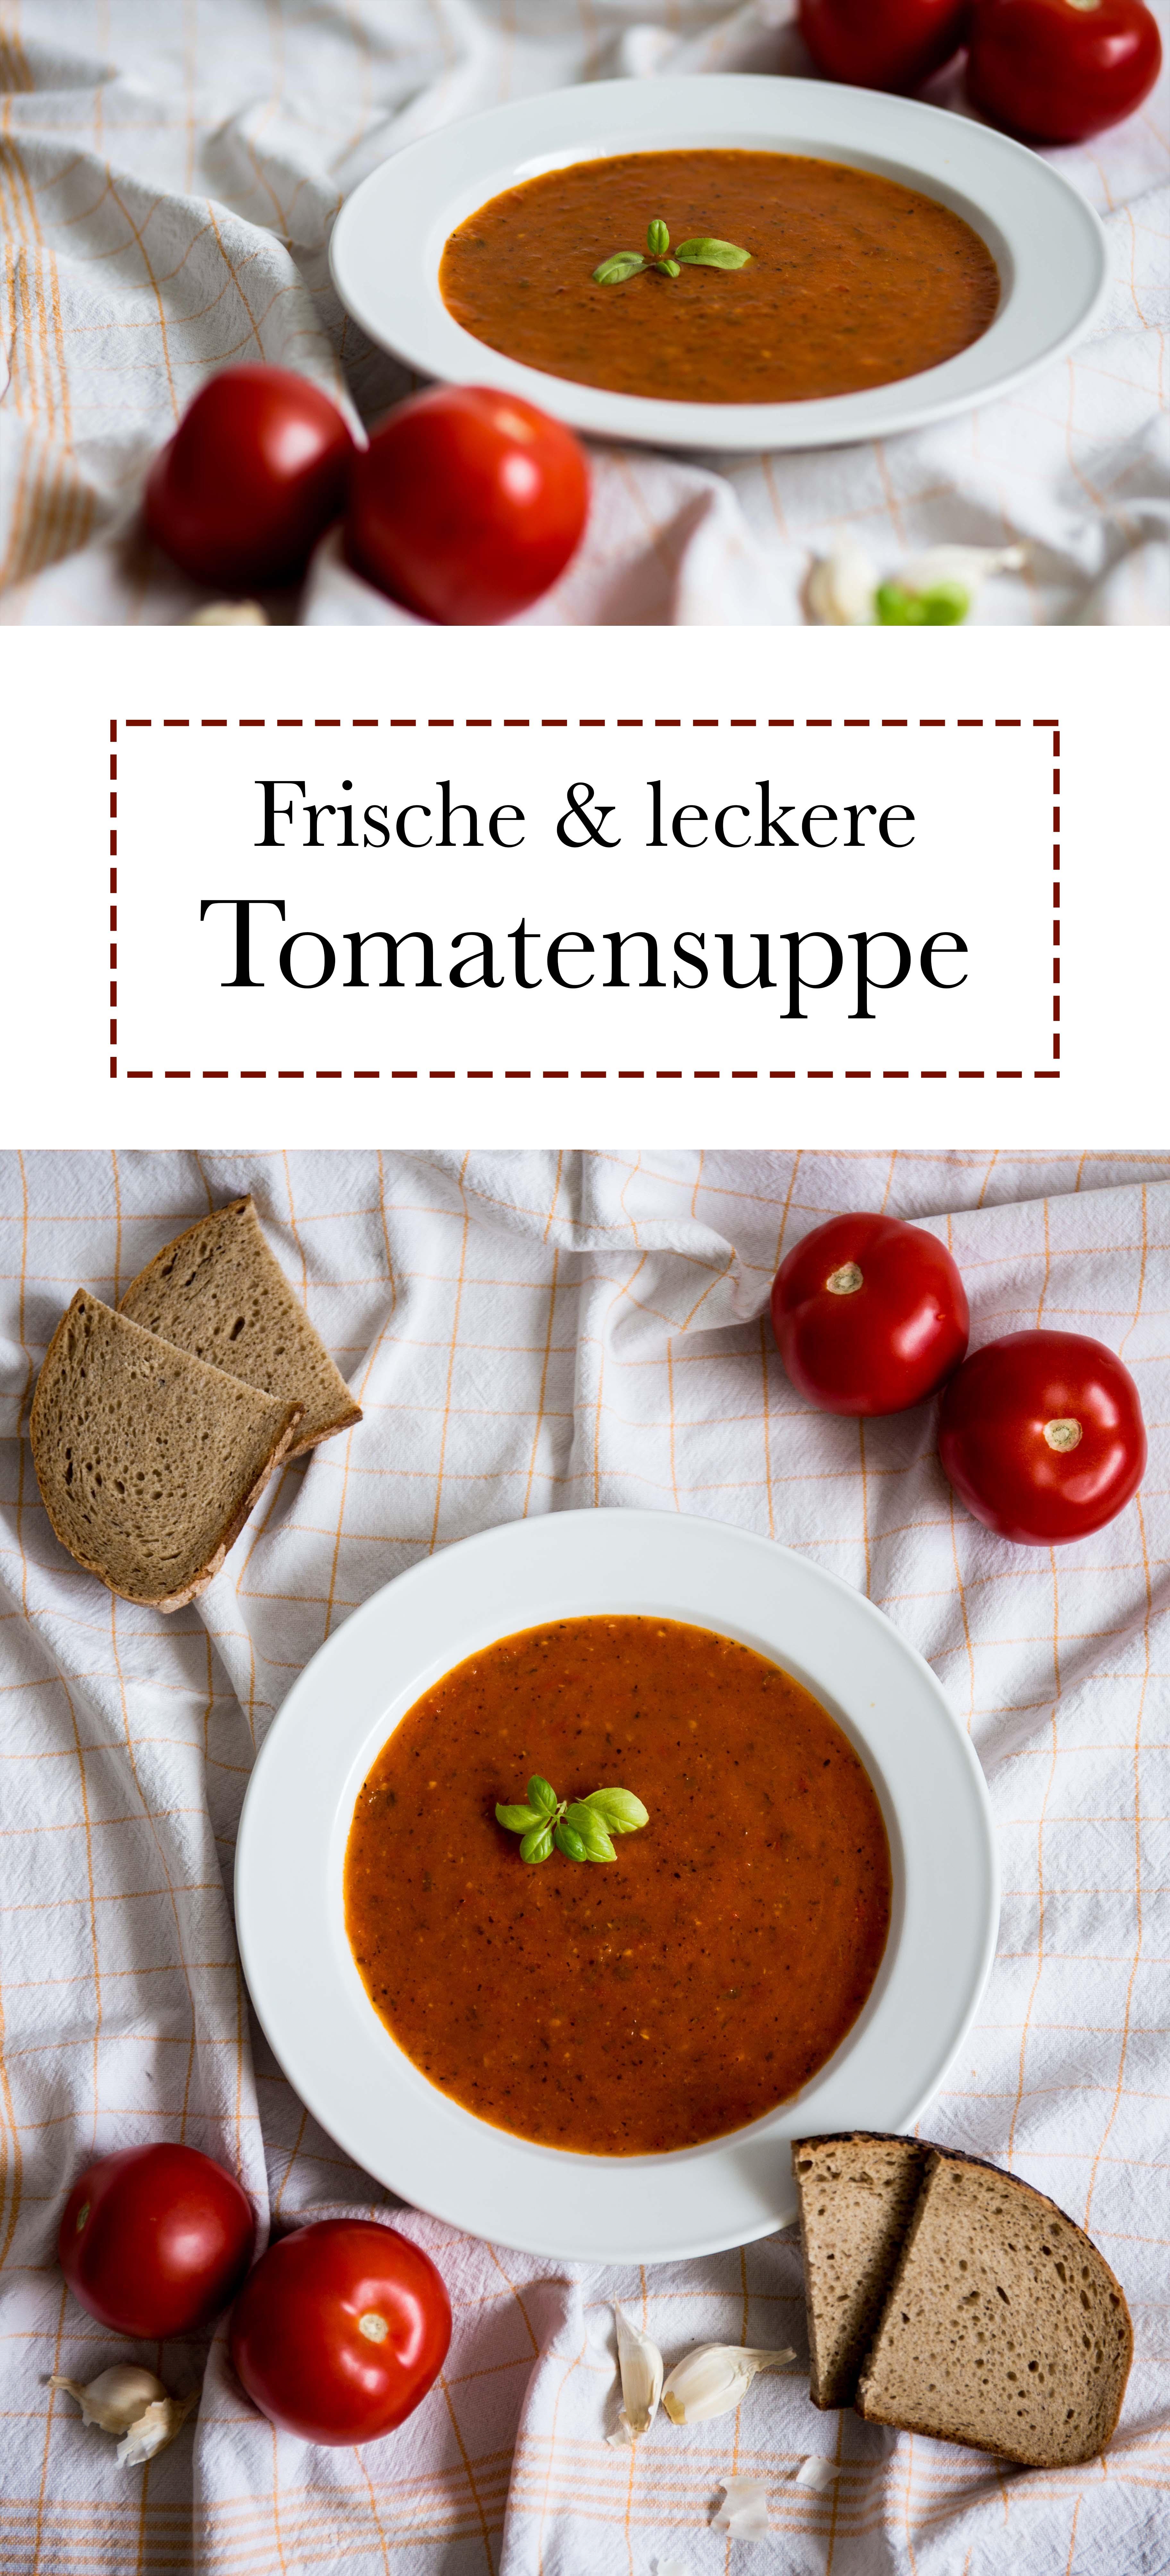 Tomatensuppe frisch und lecker